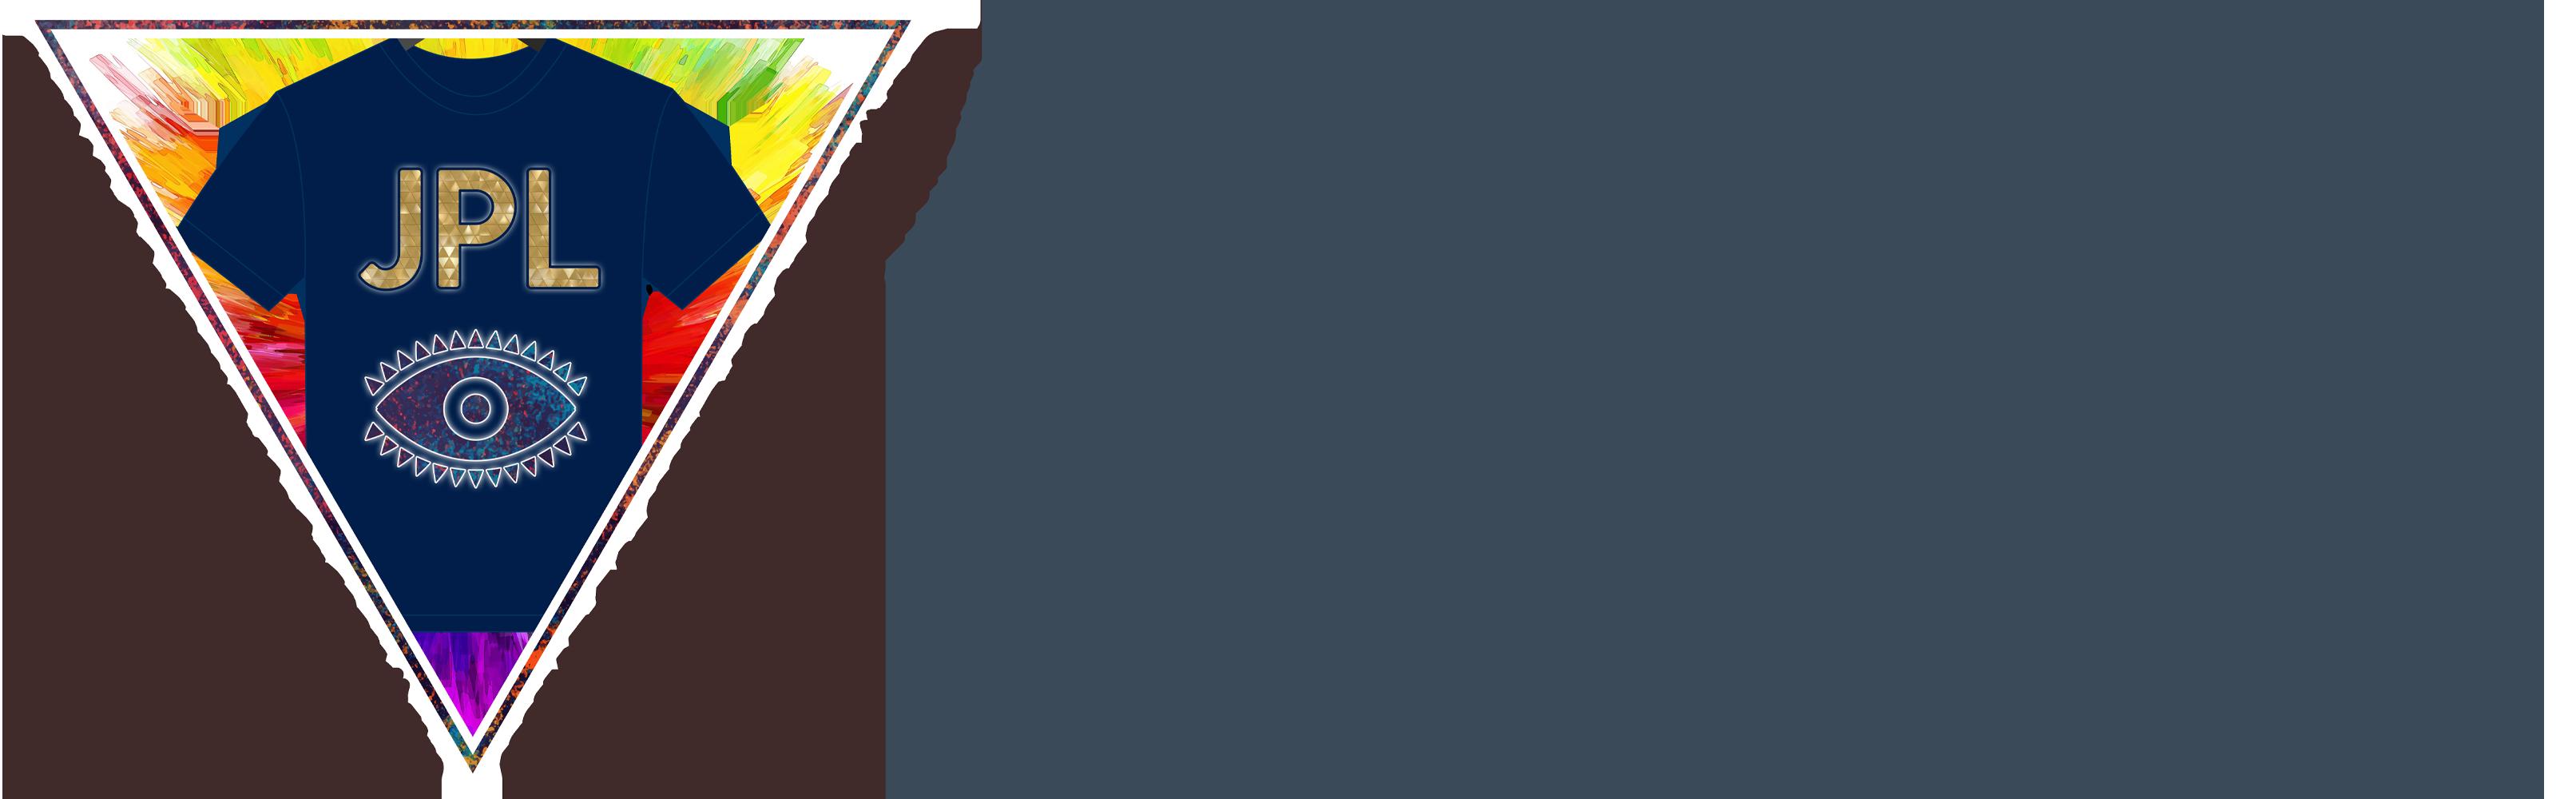 Egyedi póló - Jó Pólók |100% minőség GARANCIÁVAL!